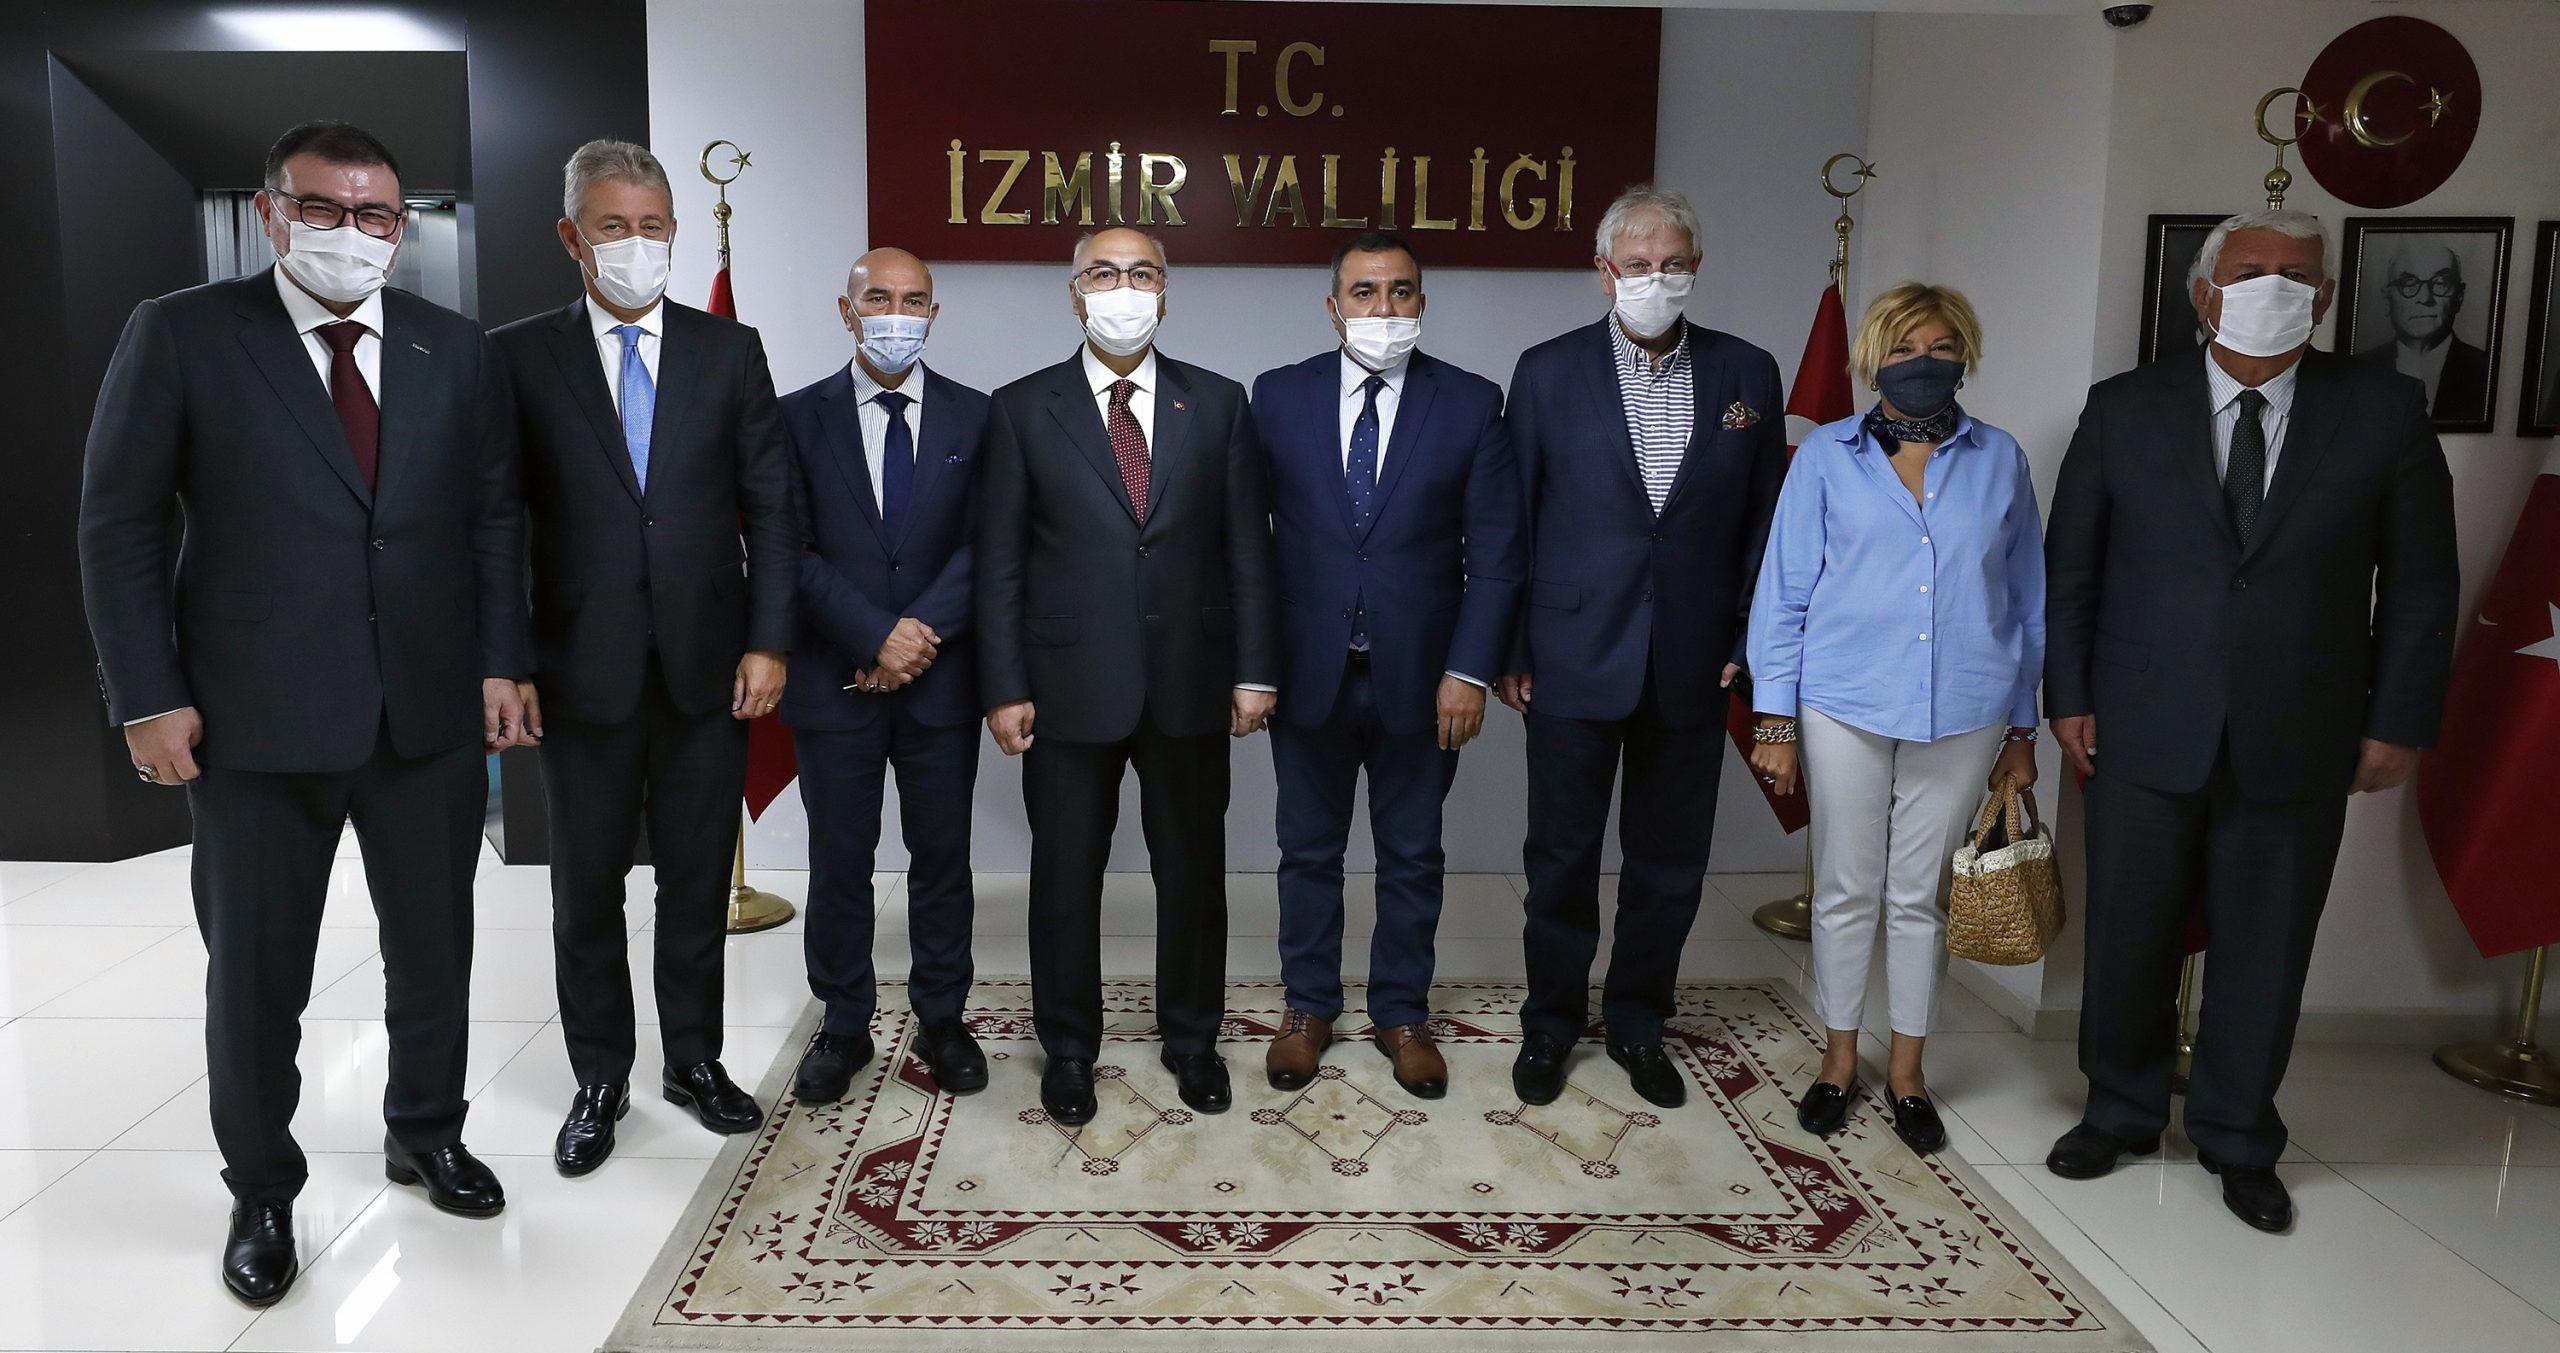 İzmirden Azerbaycana Destek Mesajı